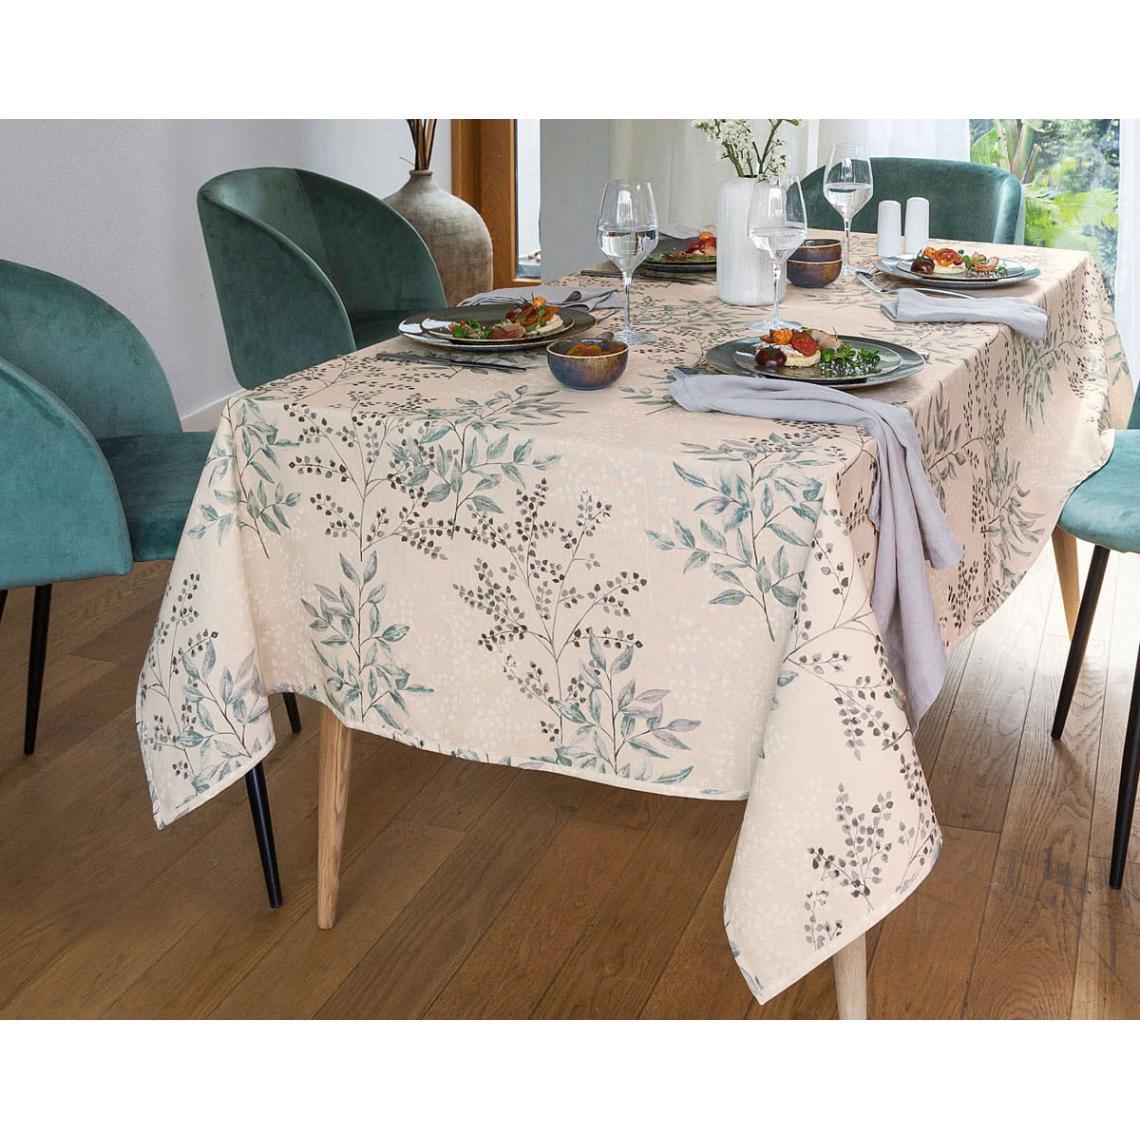 nappe carree motif floral 140 x 140 cm